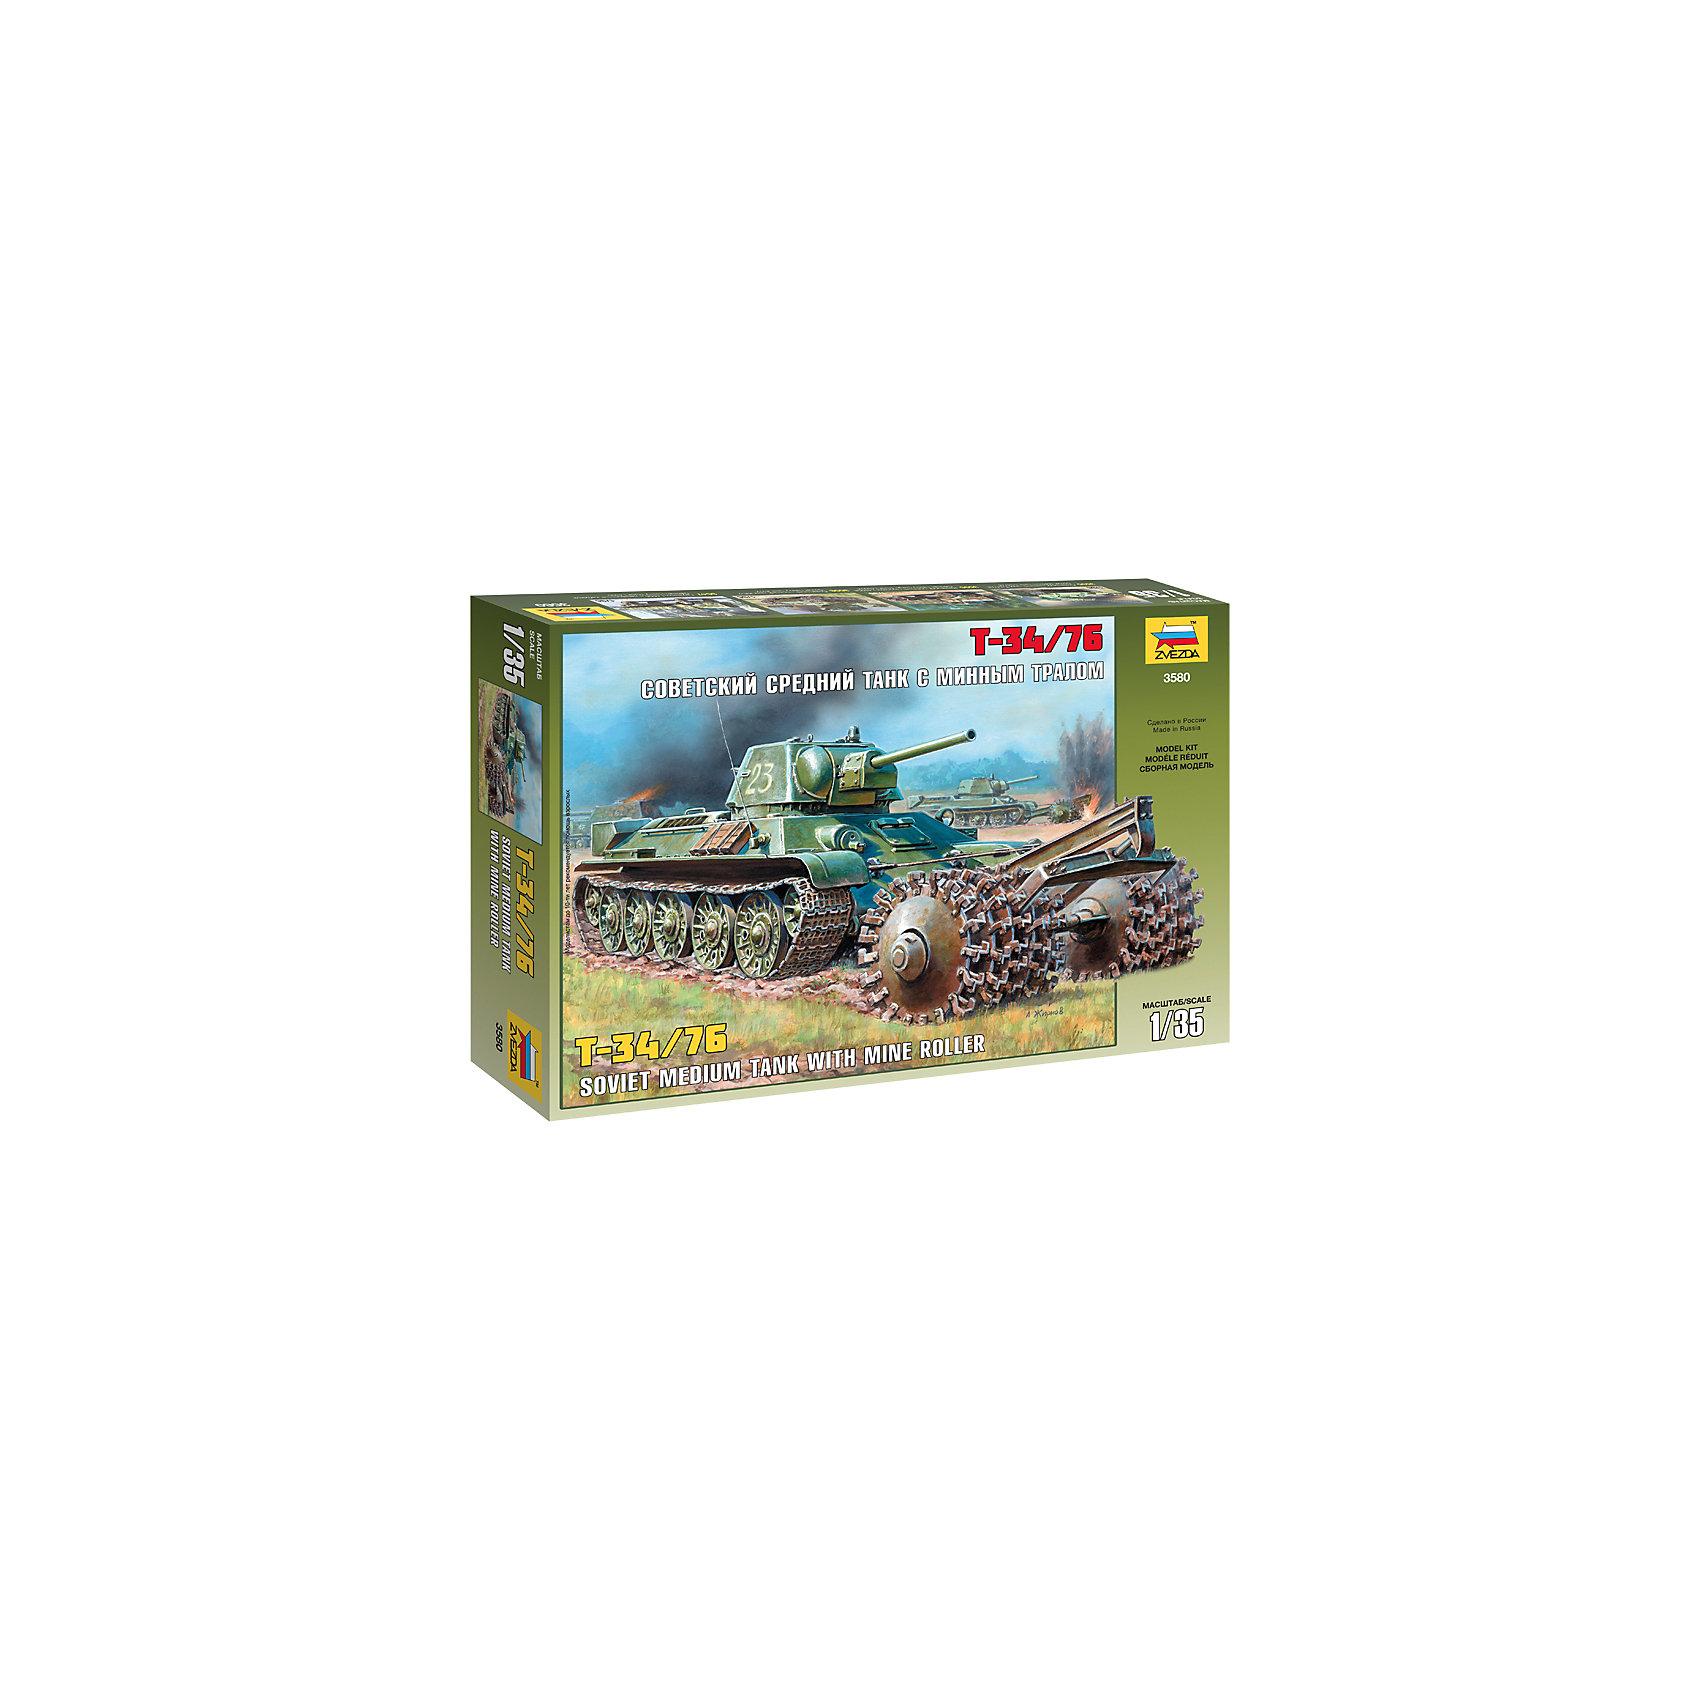 Звезда Сборная модель Танк Т-34/76с минным тралом, Звезда танк т 34 76 с минным тралом 1 35